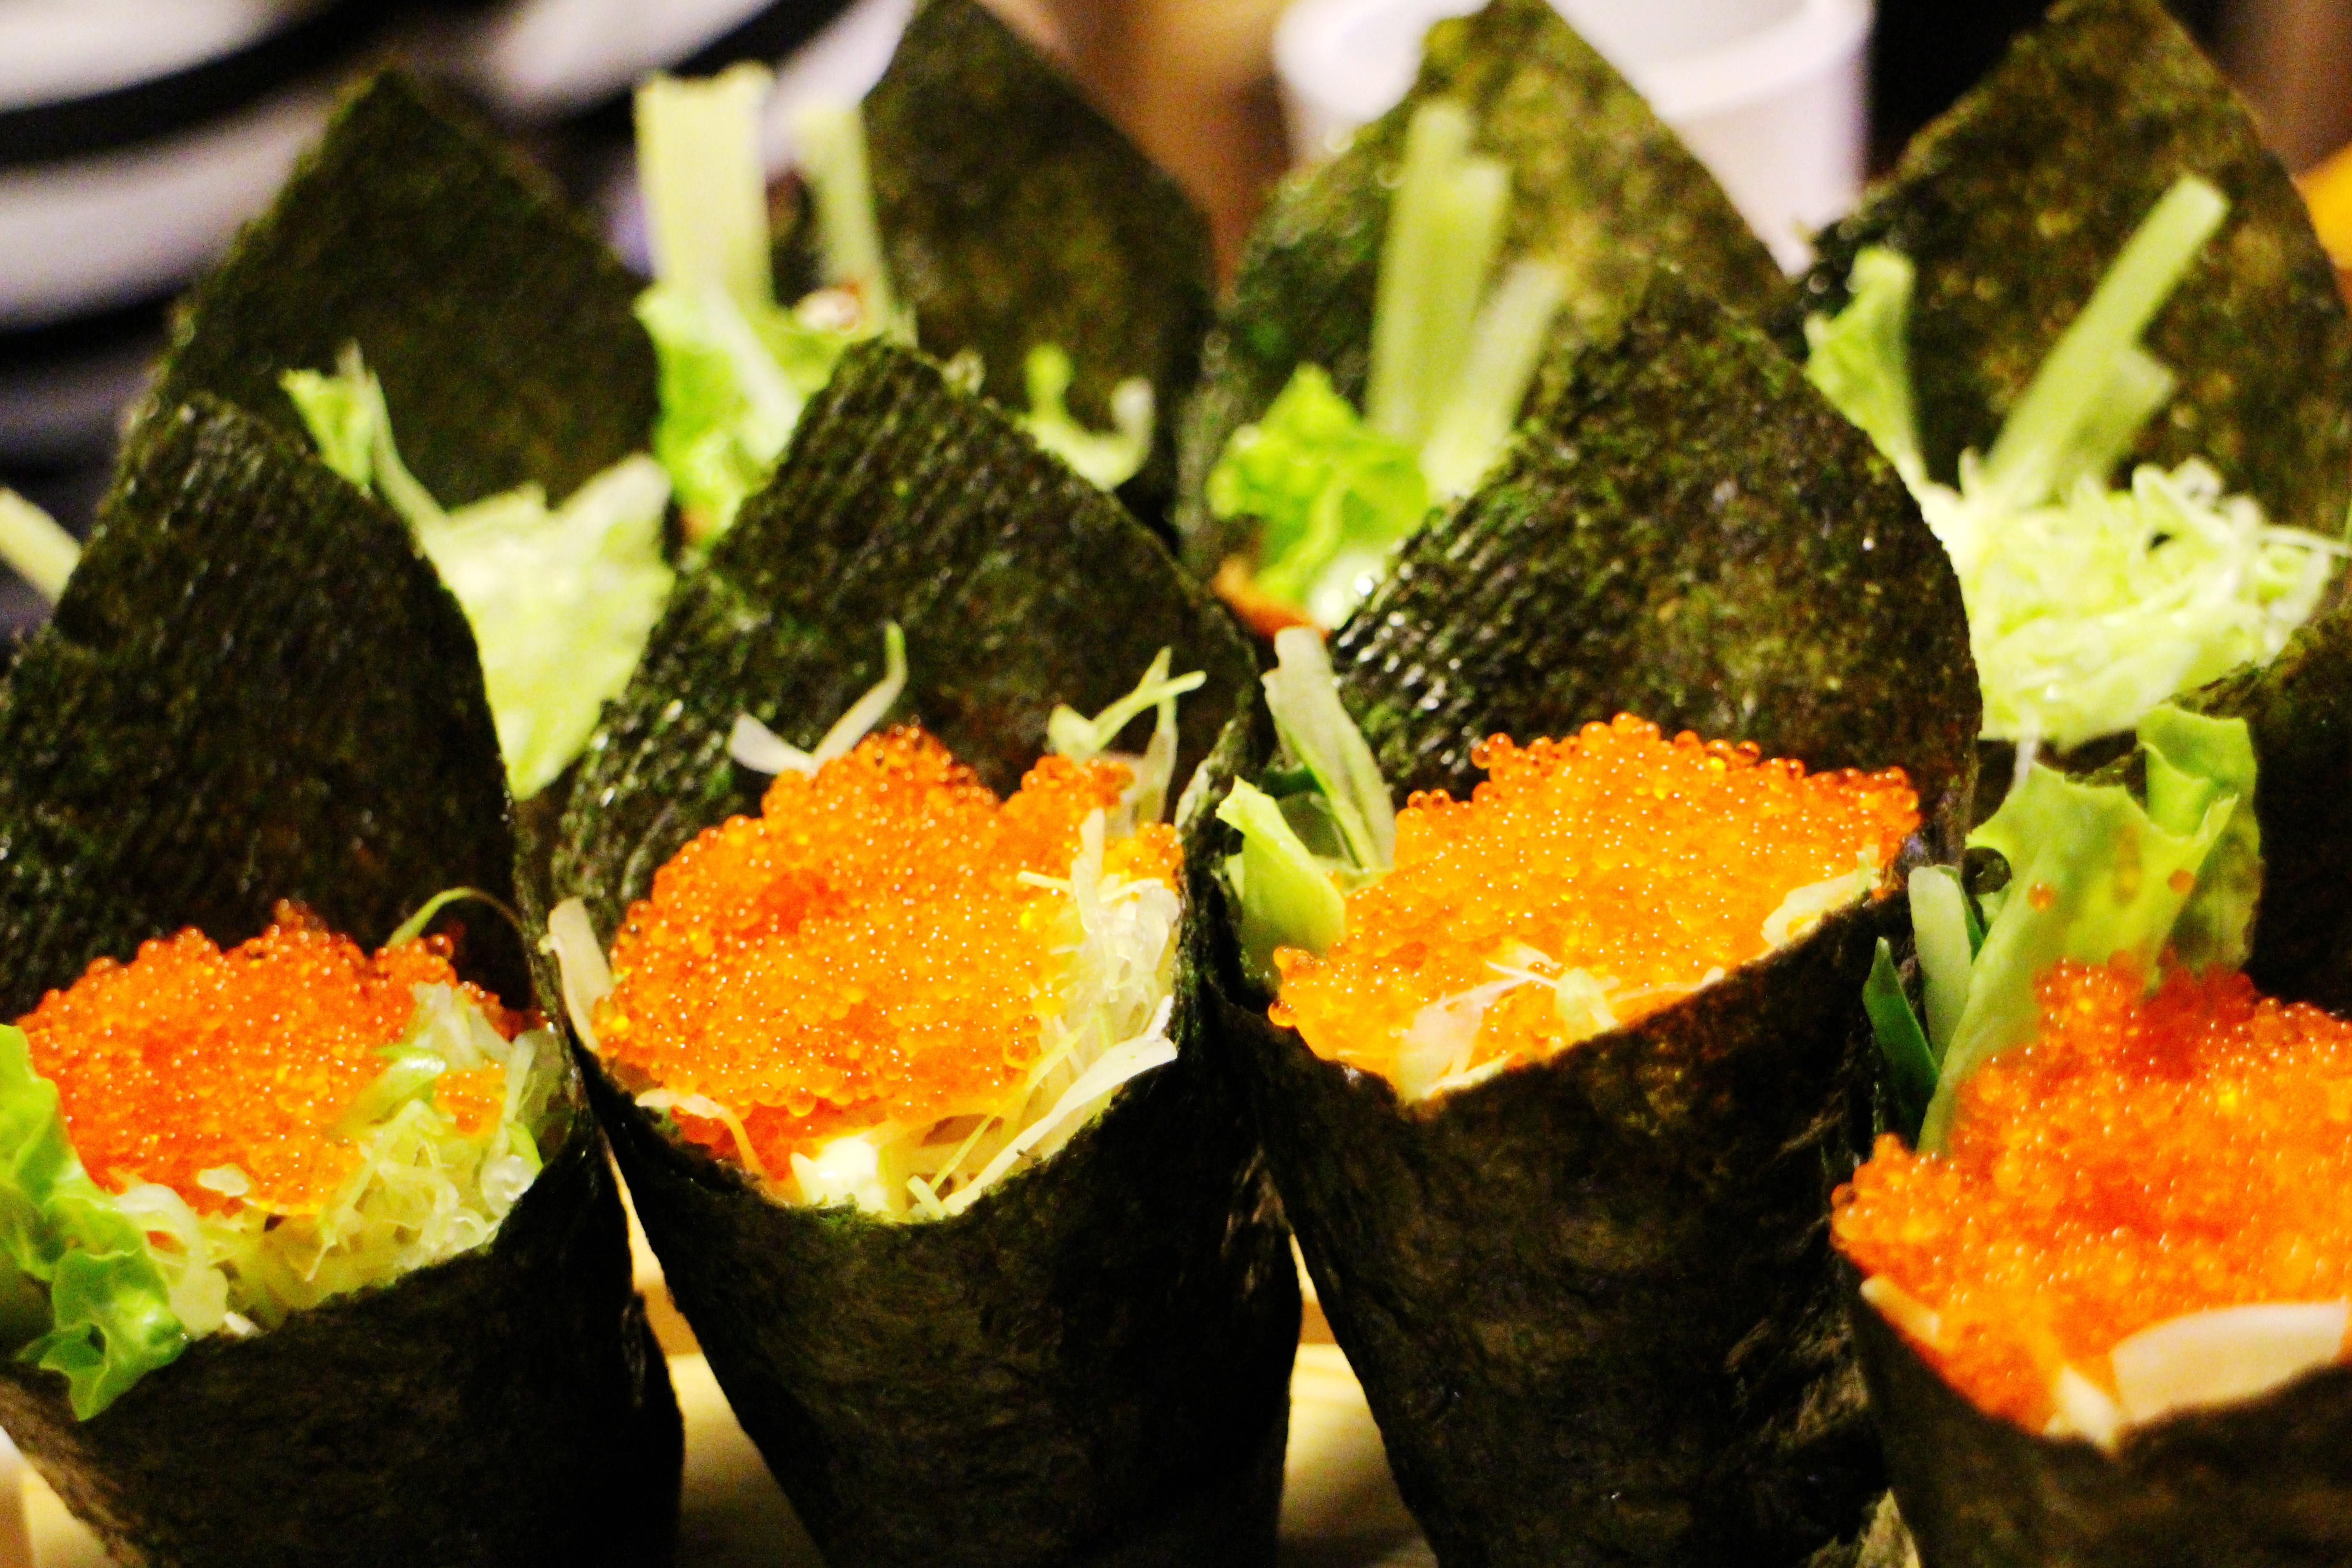 稻荷寿司——不可错过的寿司